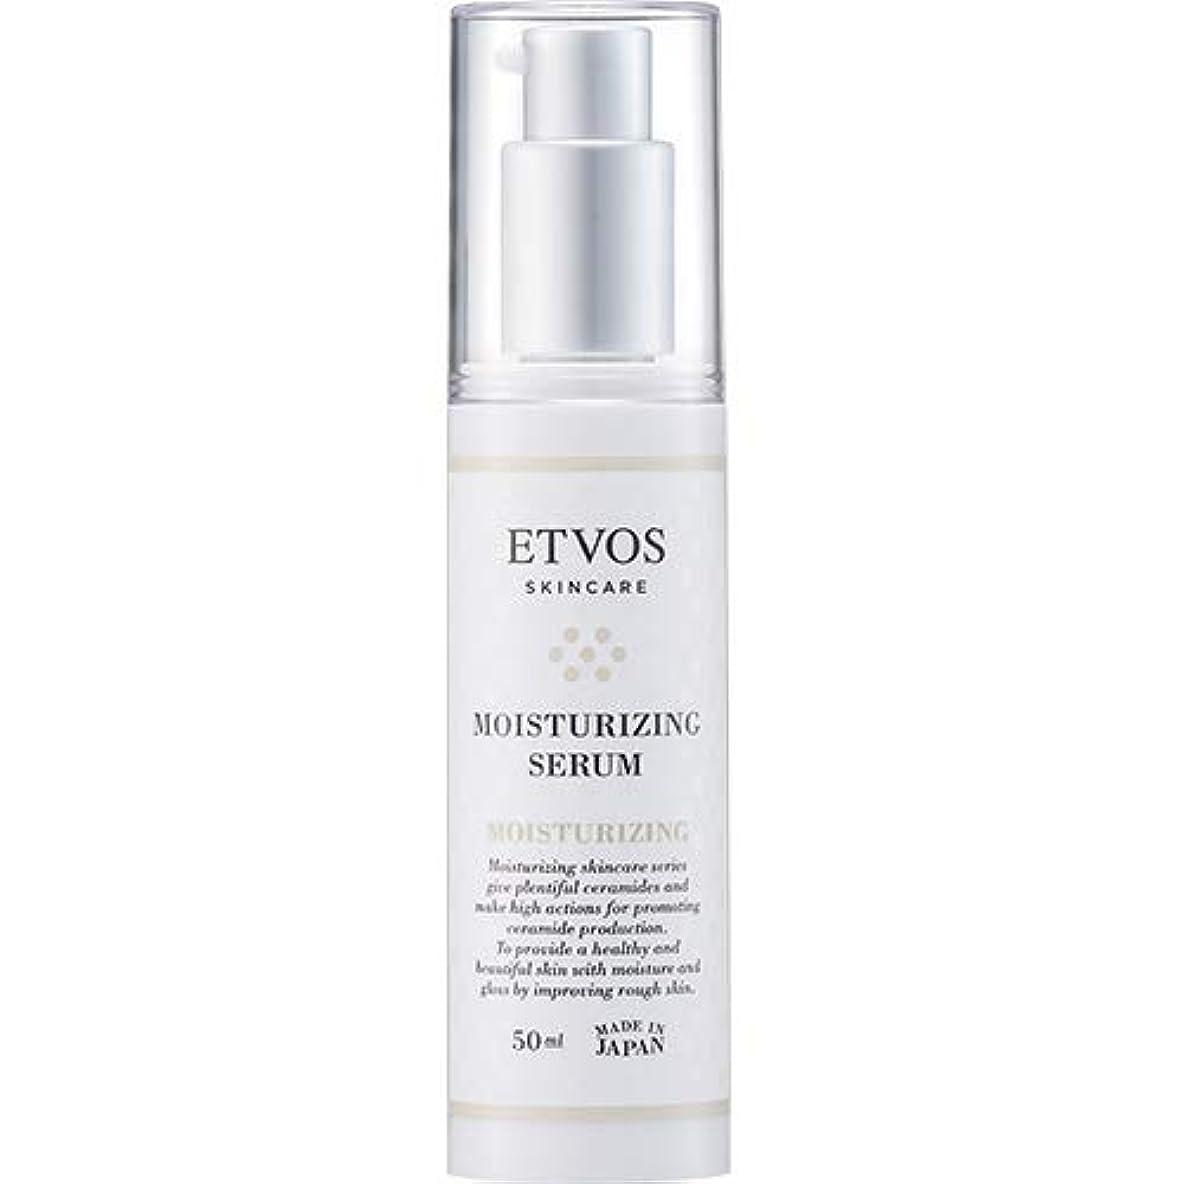 雄大な民間人台無しにETVOS(エトヴォス) 保湿美容液 モイスチャライジングセラム 50ml ヒト型セラミド配合 乾燥肌/敏感肌 乳液